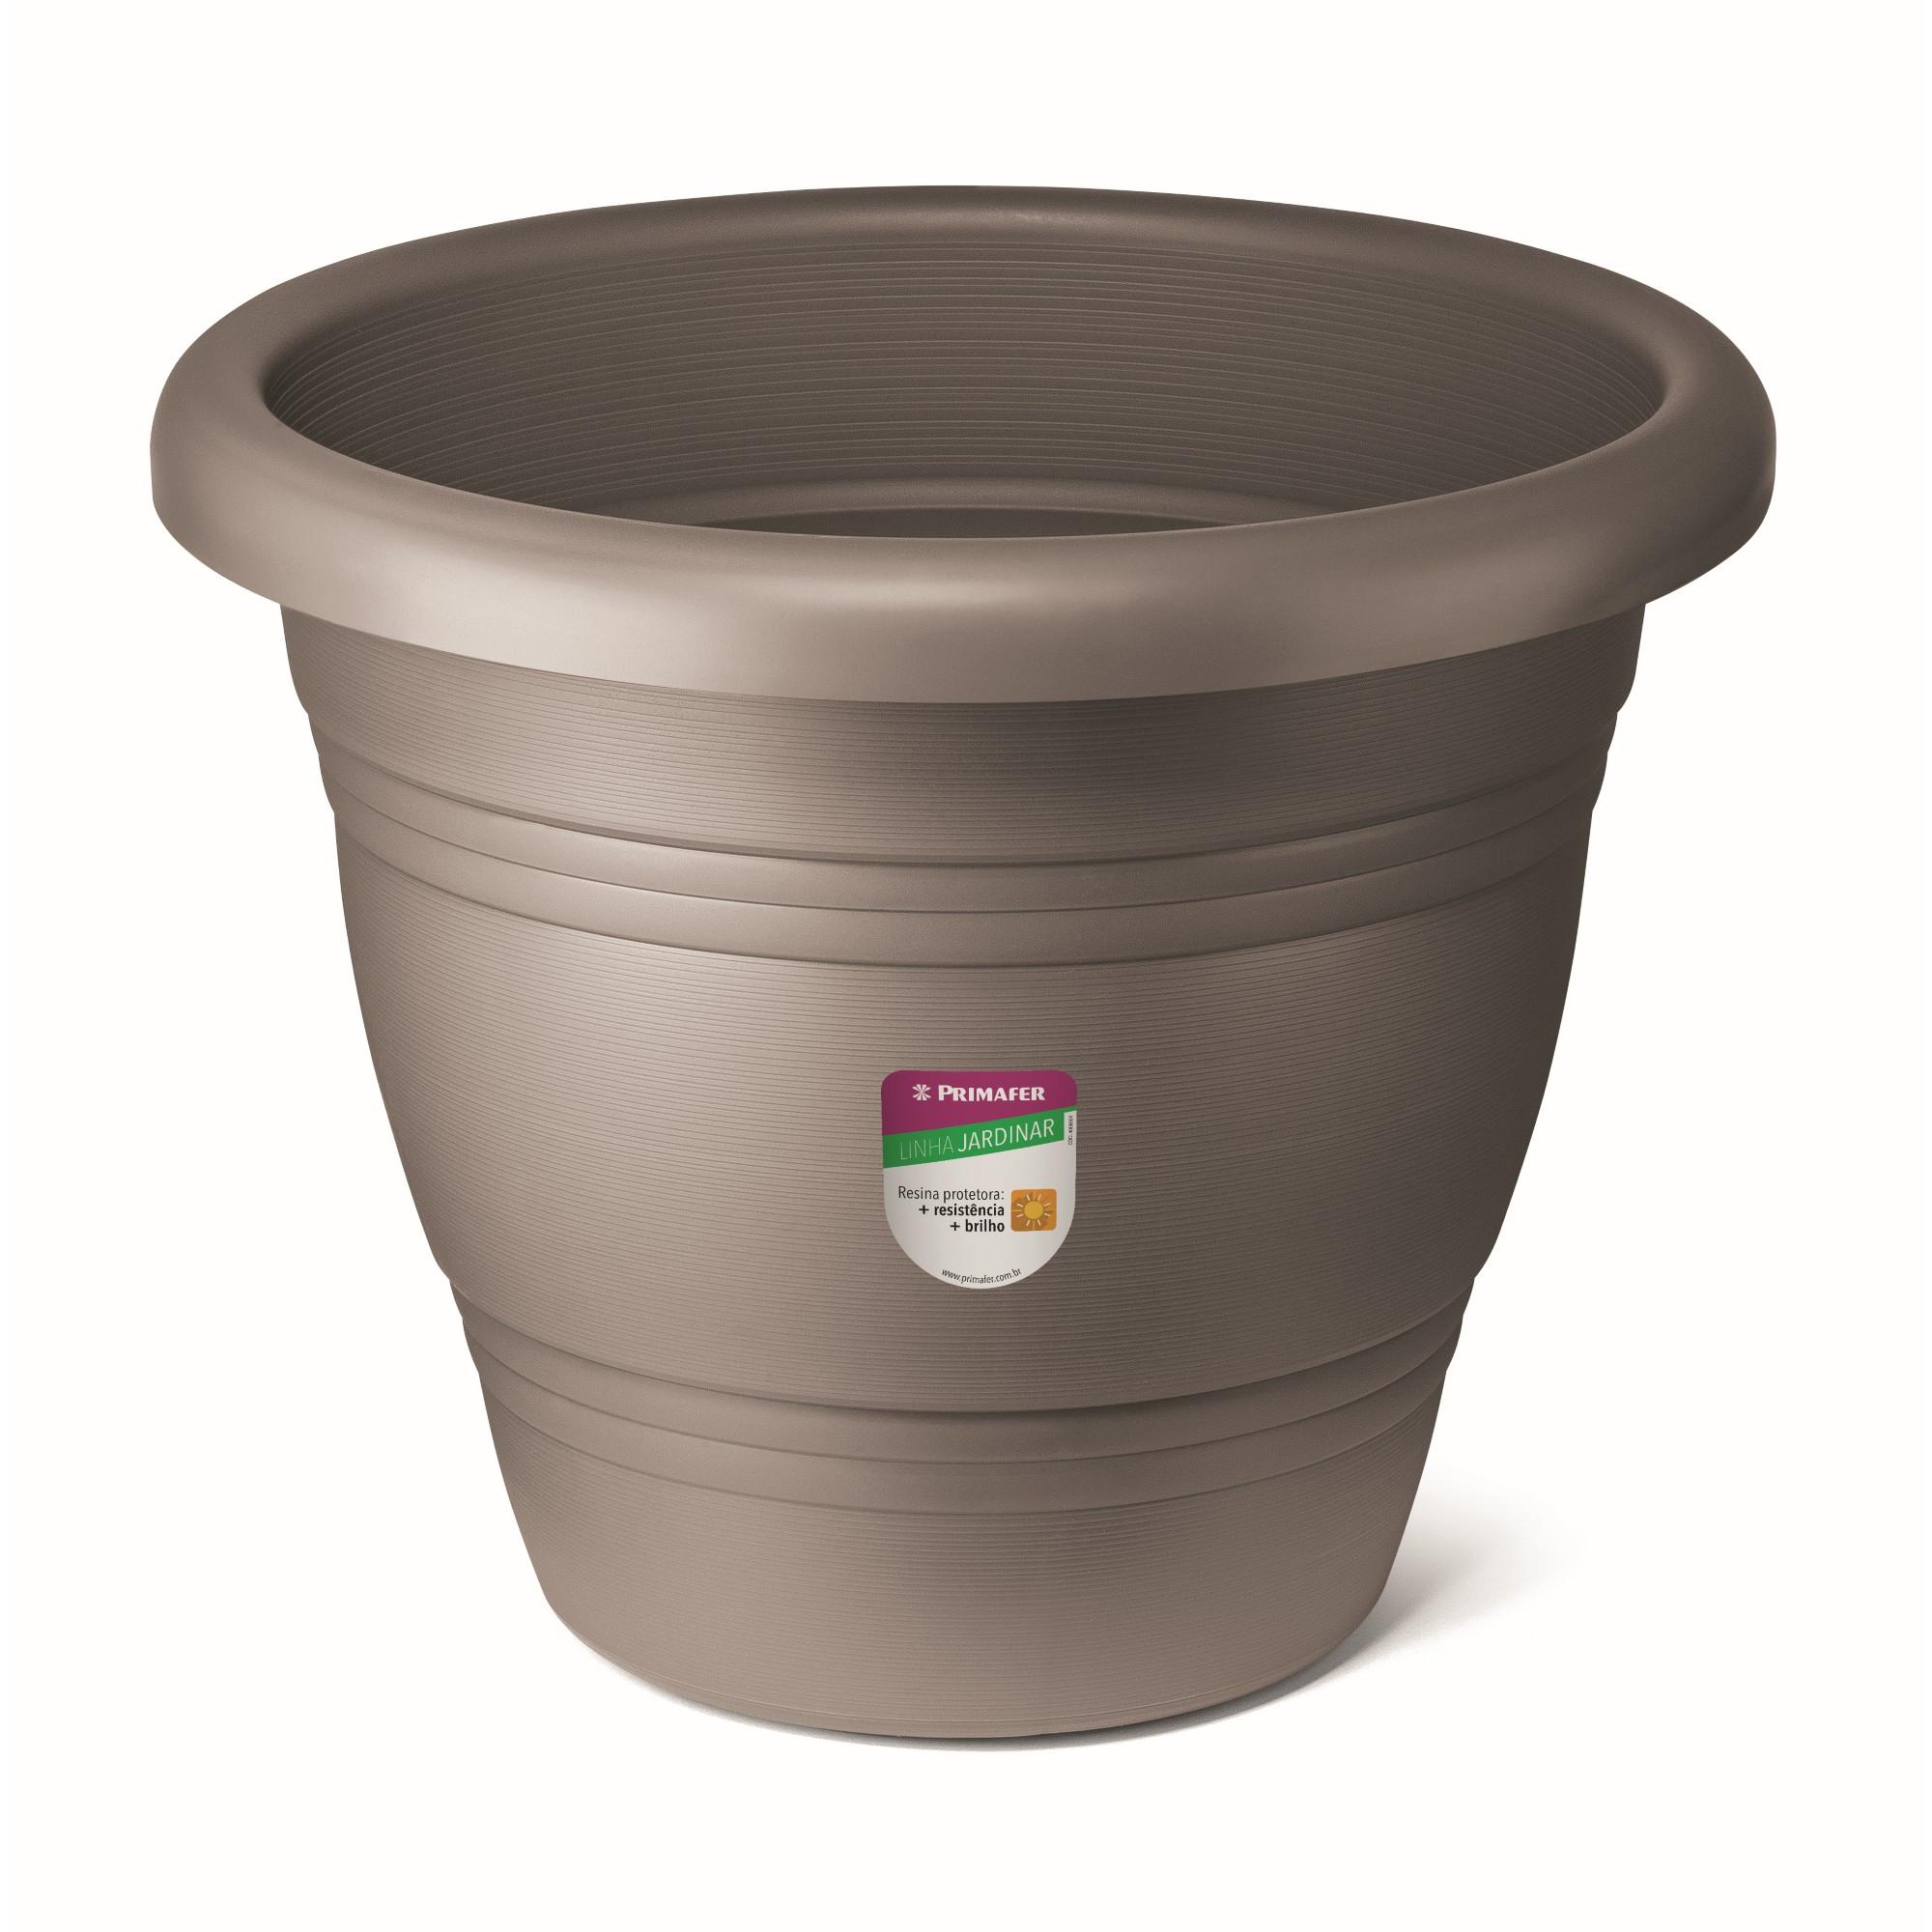 Vaso de Plastico para Plantas 45 x 45 cm Concreto - Primafer